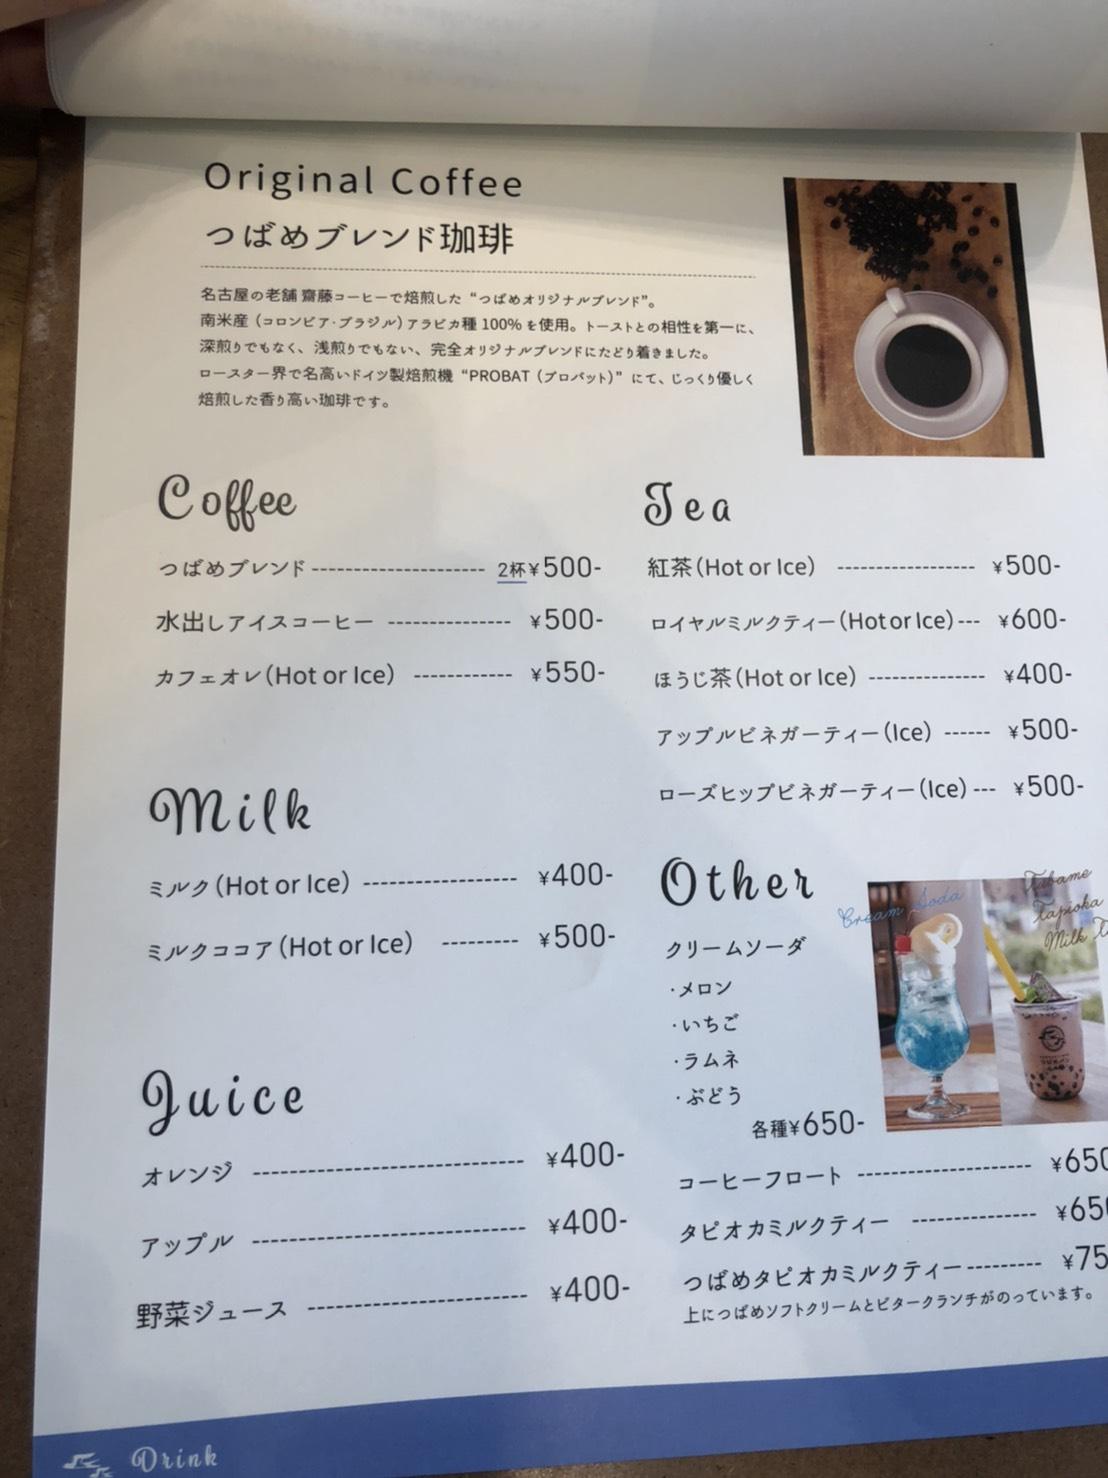 つばめパン&ミルク